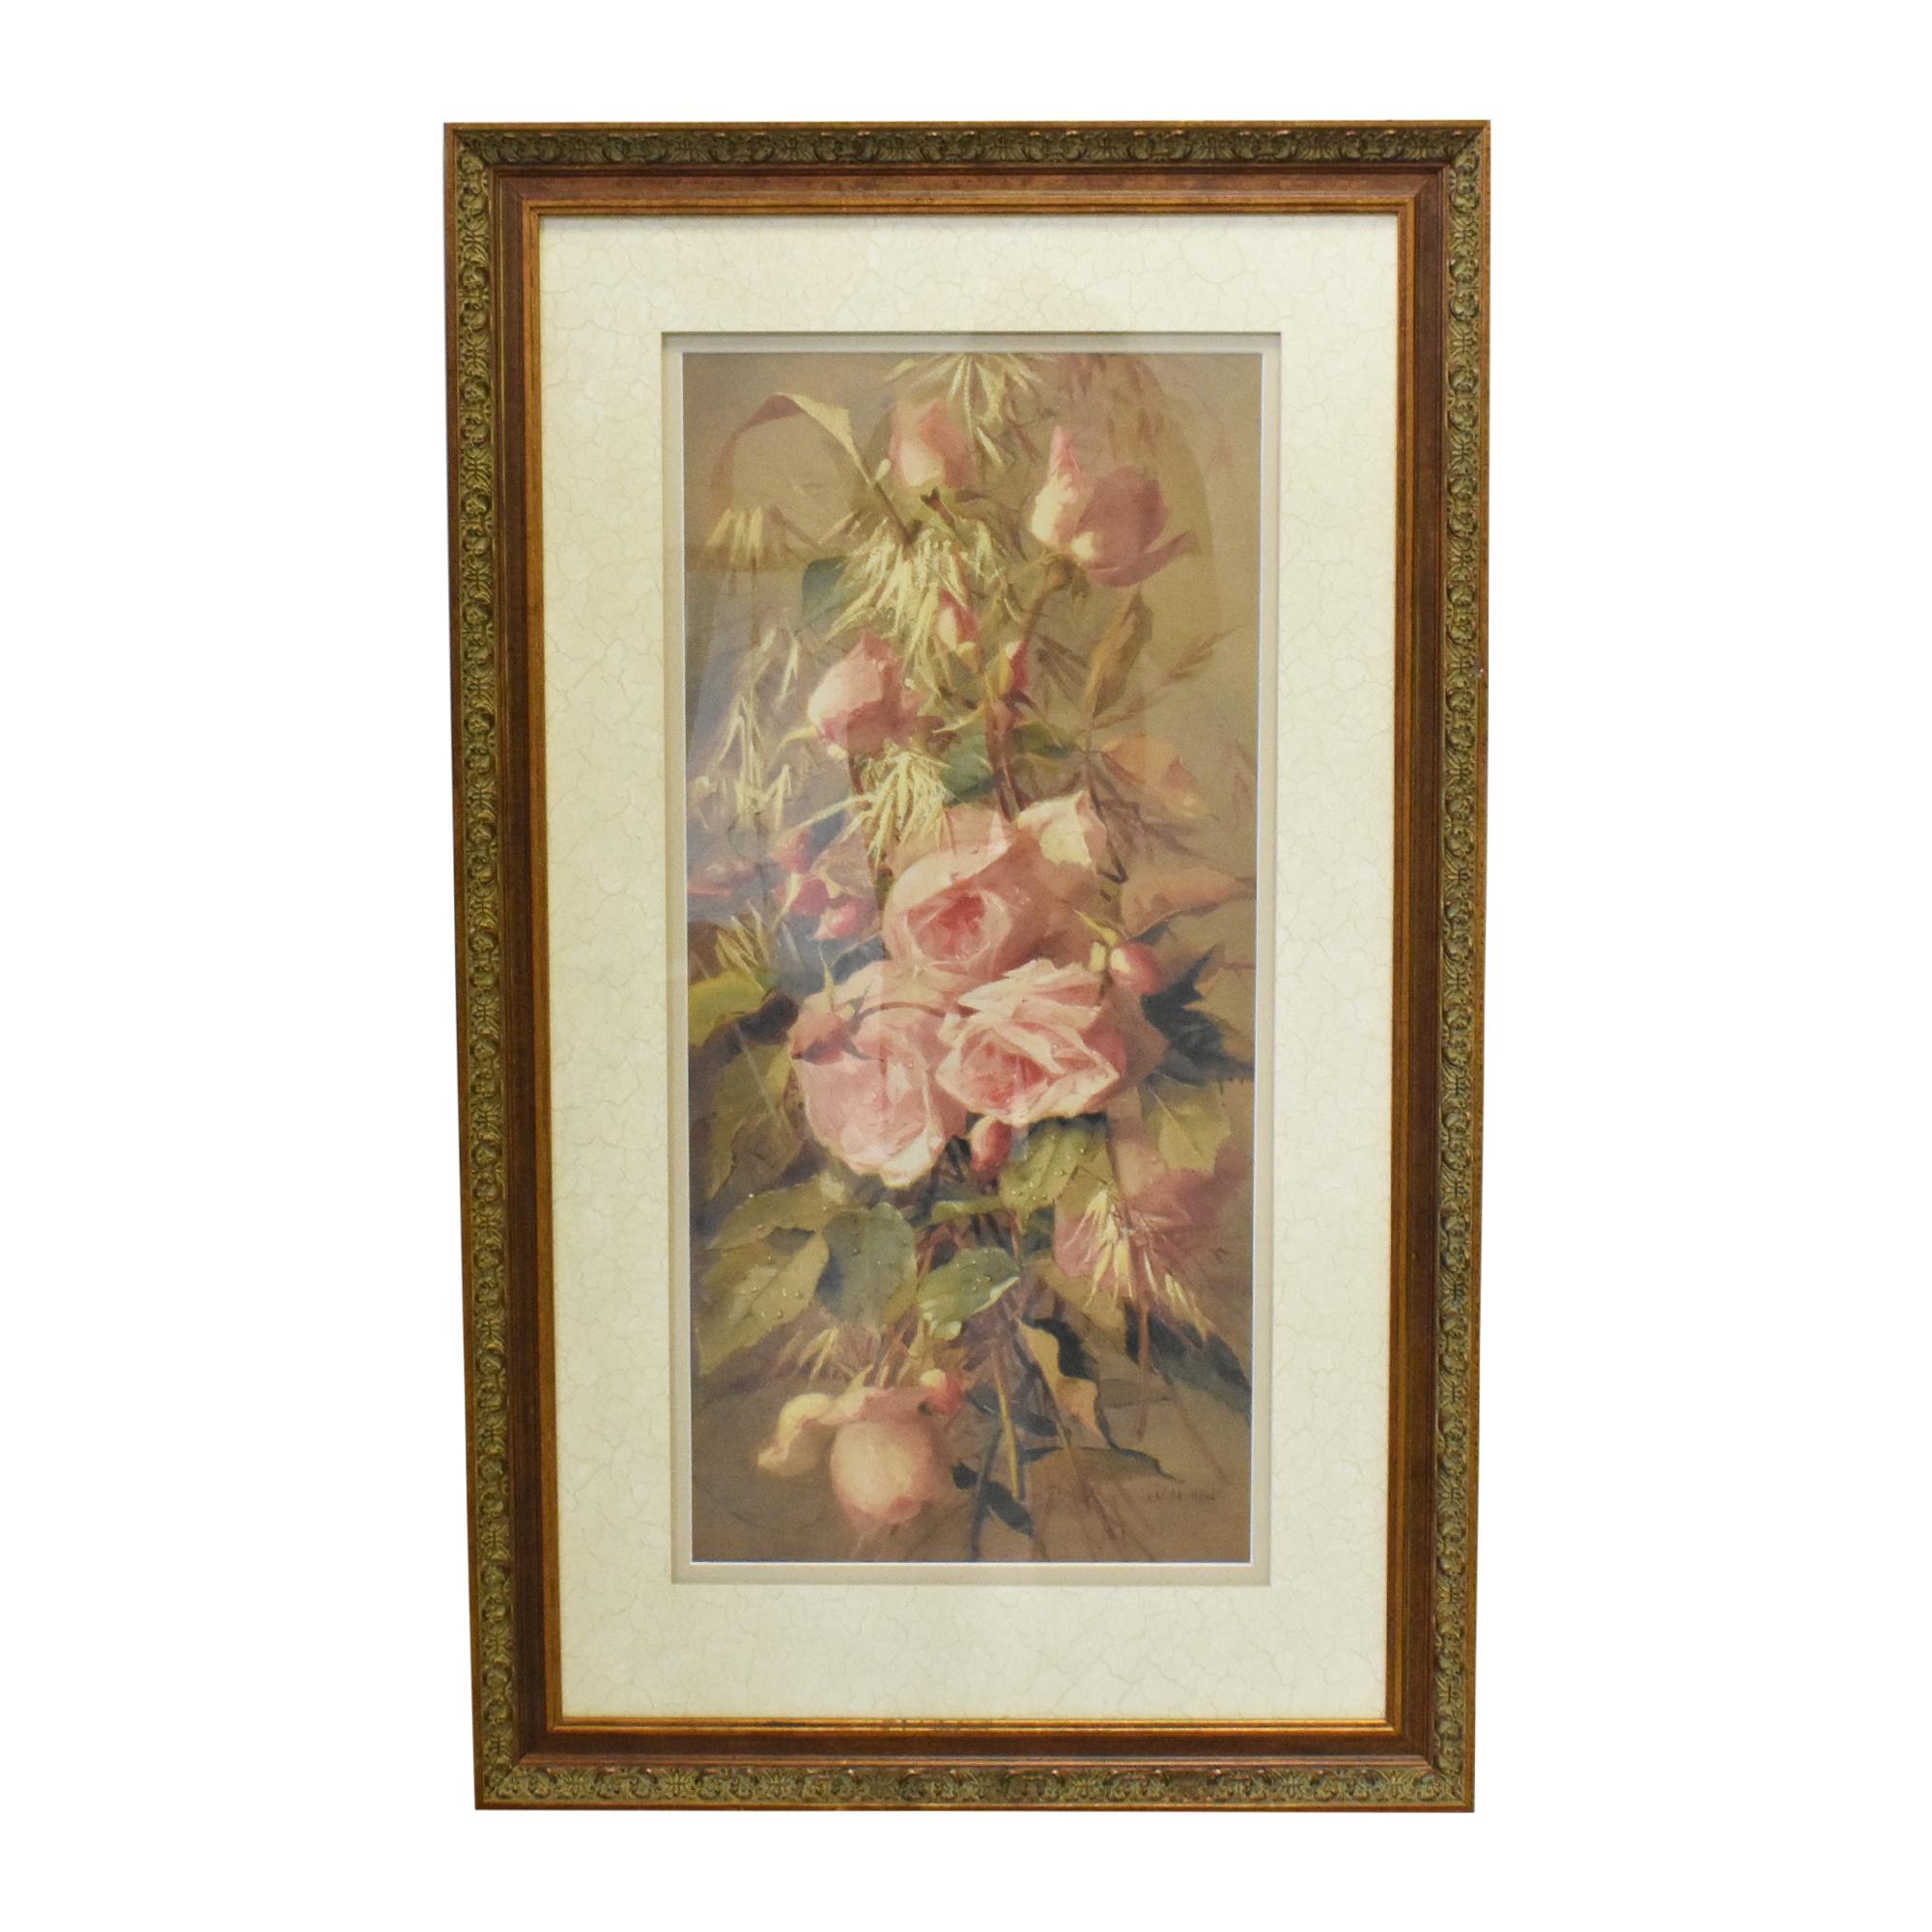 Ethan Allen Ethan Allen Roses Wall Art coupon